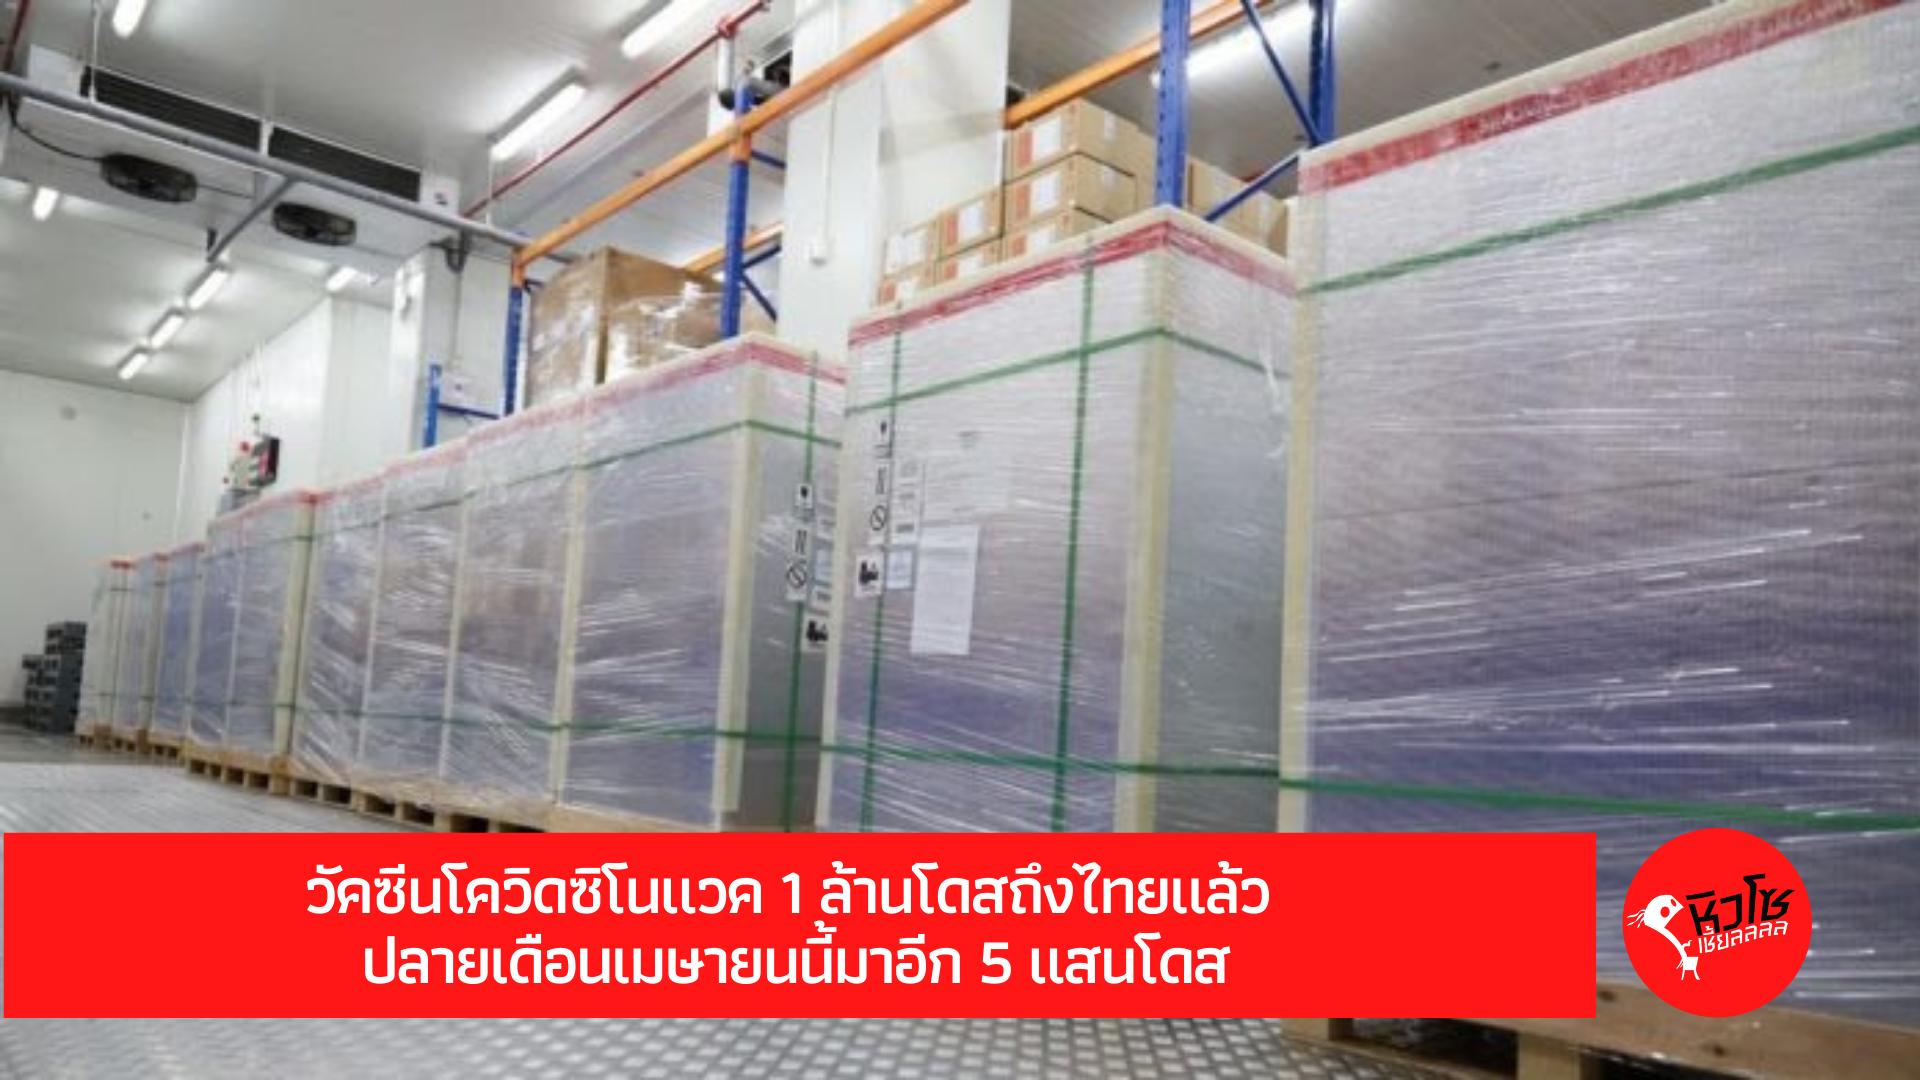 วัคซีนโควิดซิโนแวค 1 ล้านโดสถึงไทยแล้ว ปลายเดือนเมษายนนี้มาอีก 5 แสนโดส